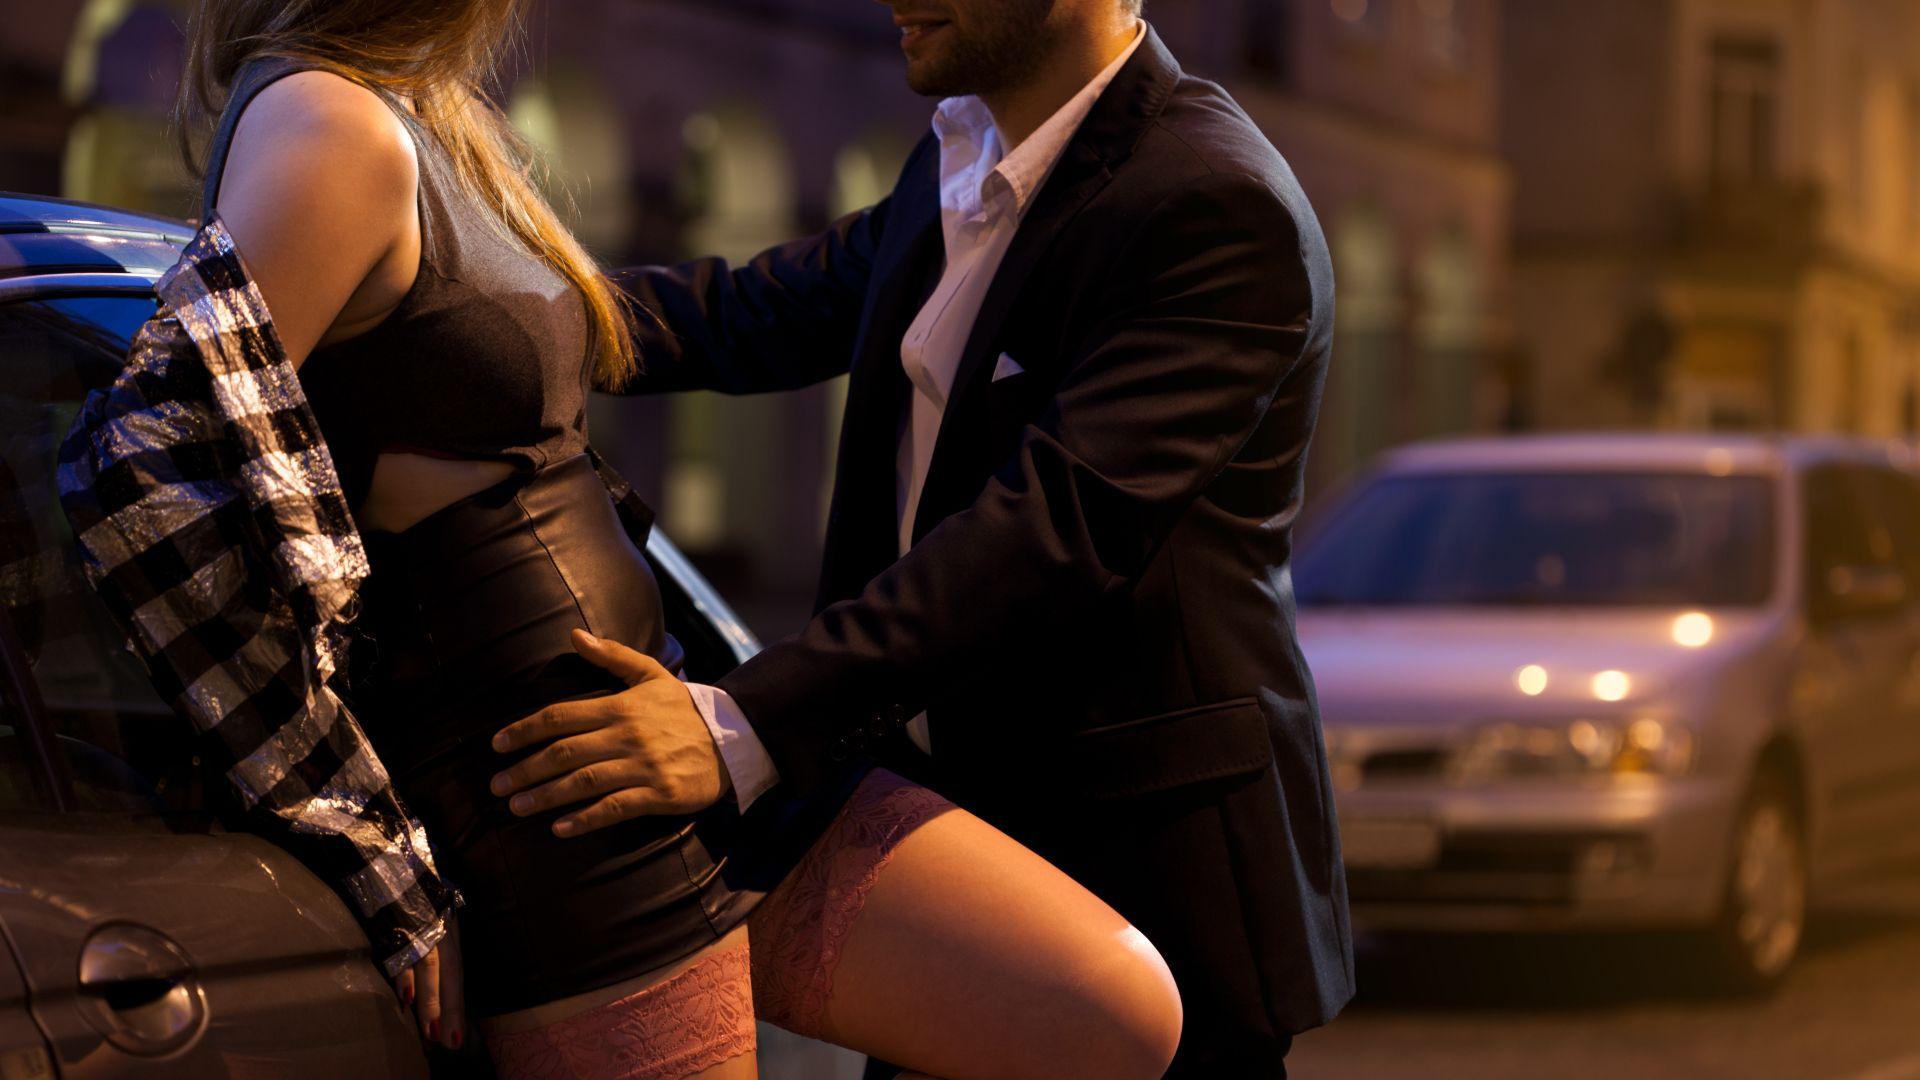 rihannas sex video